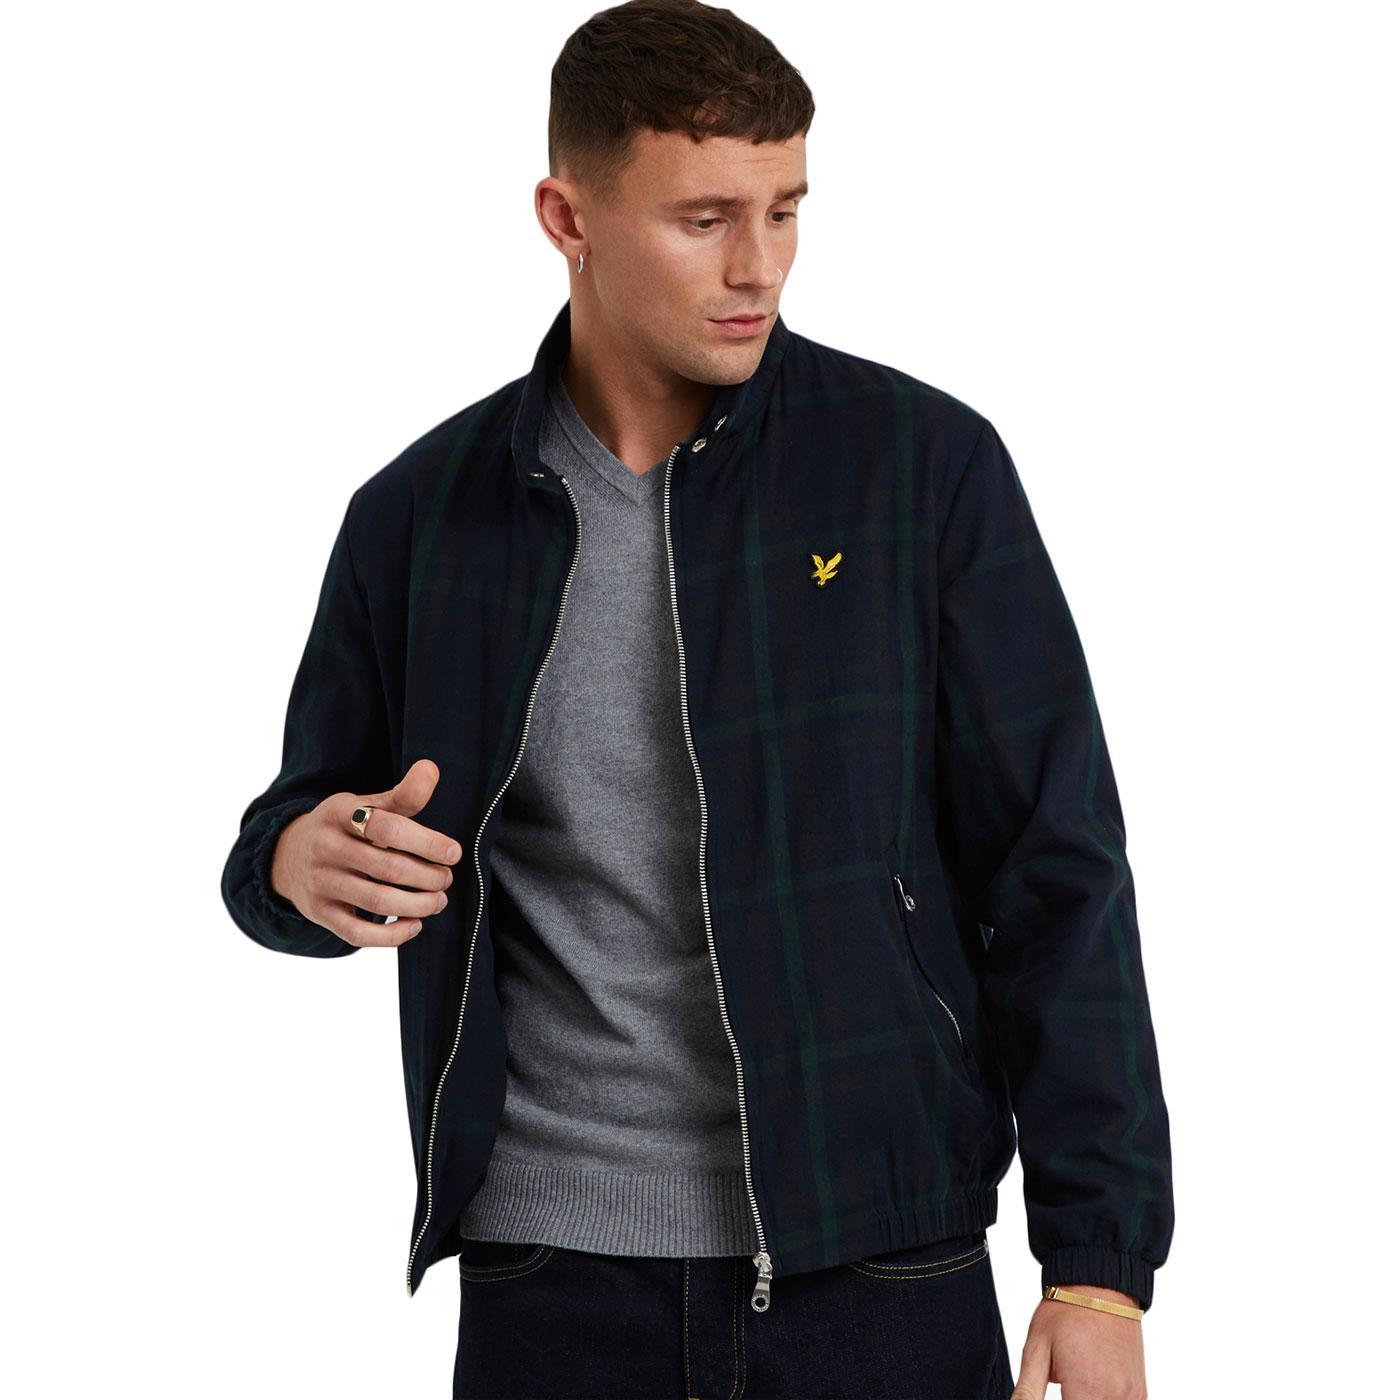 LYLE & SCOTT Tartan Check Mod Harrington Jacket